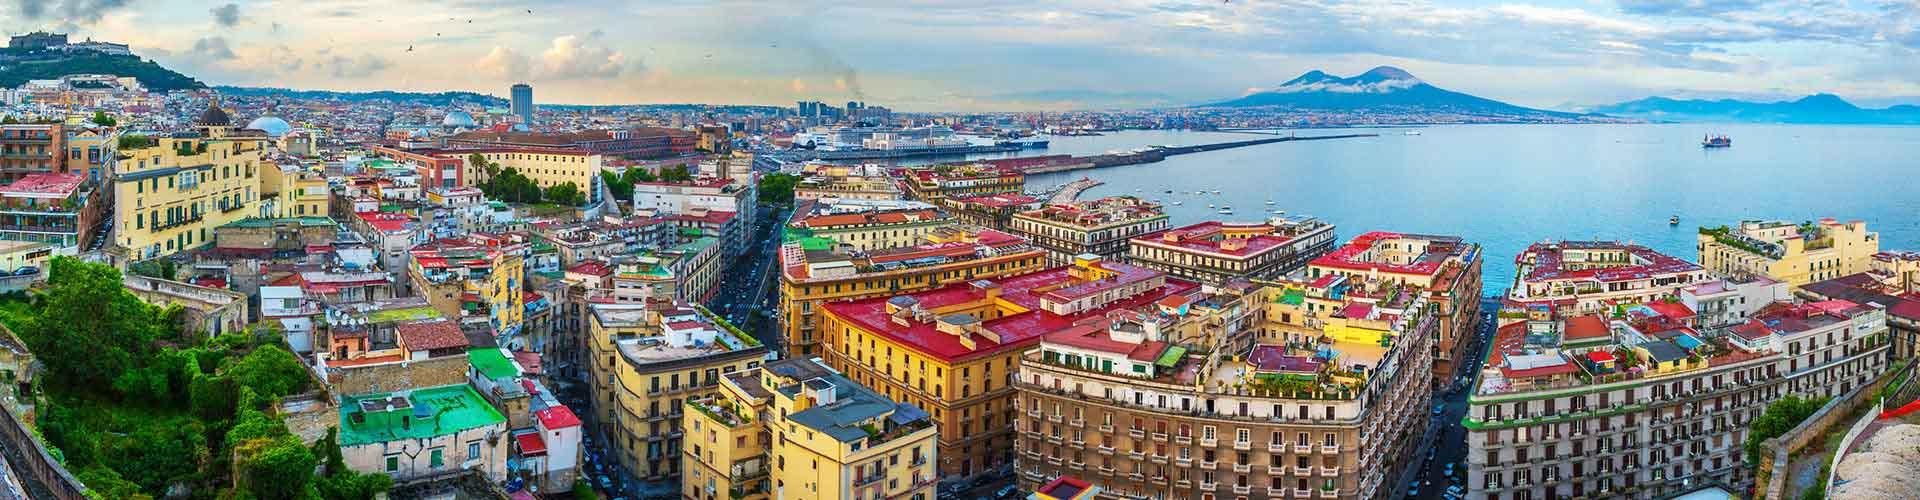 Naples - Auberges de jeunesse dans le quartier de Pendino. Cartes pour Naples, photos et commentaires pour chaque auberge de jeunesse à Naples.